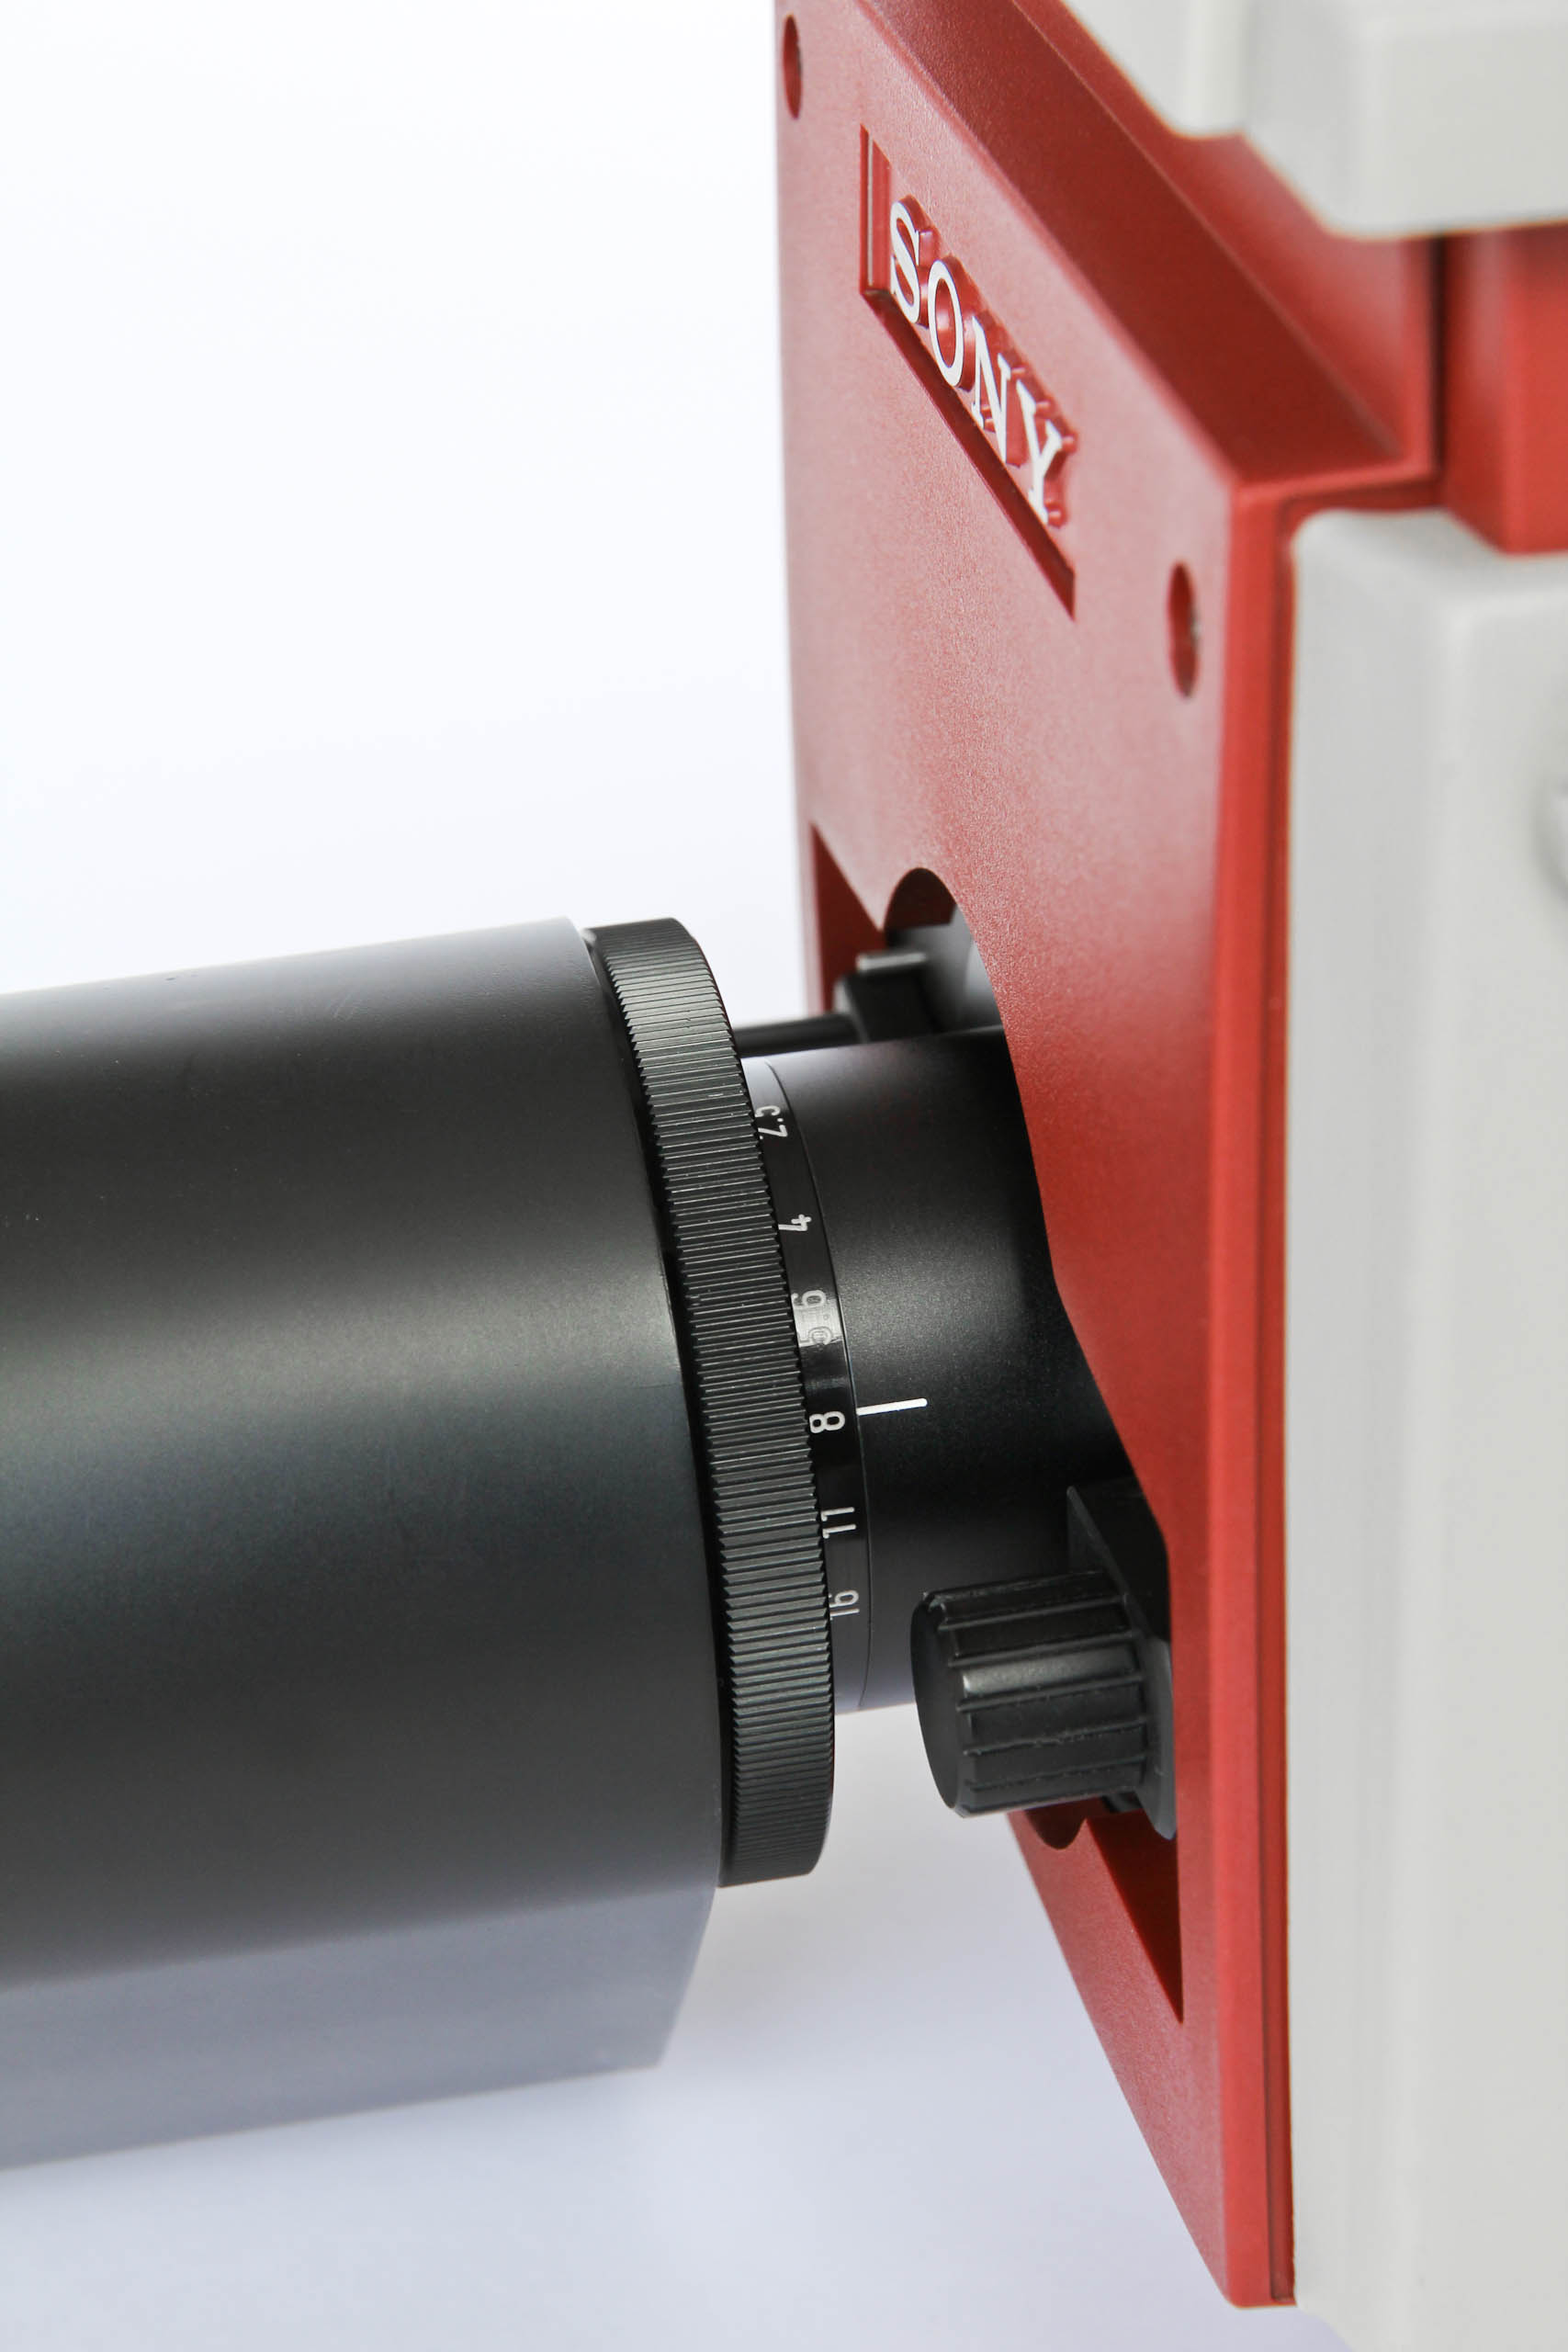 Sony DXC-1200P (12 von 14)